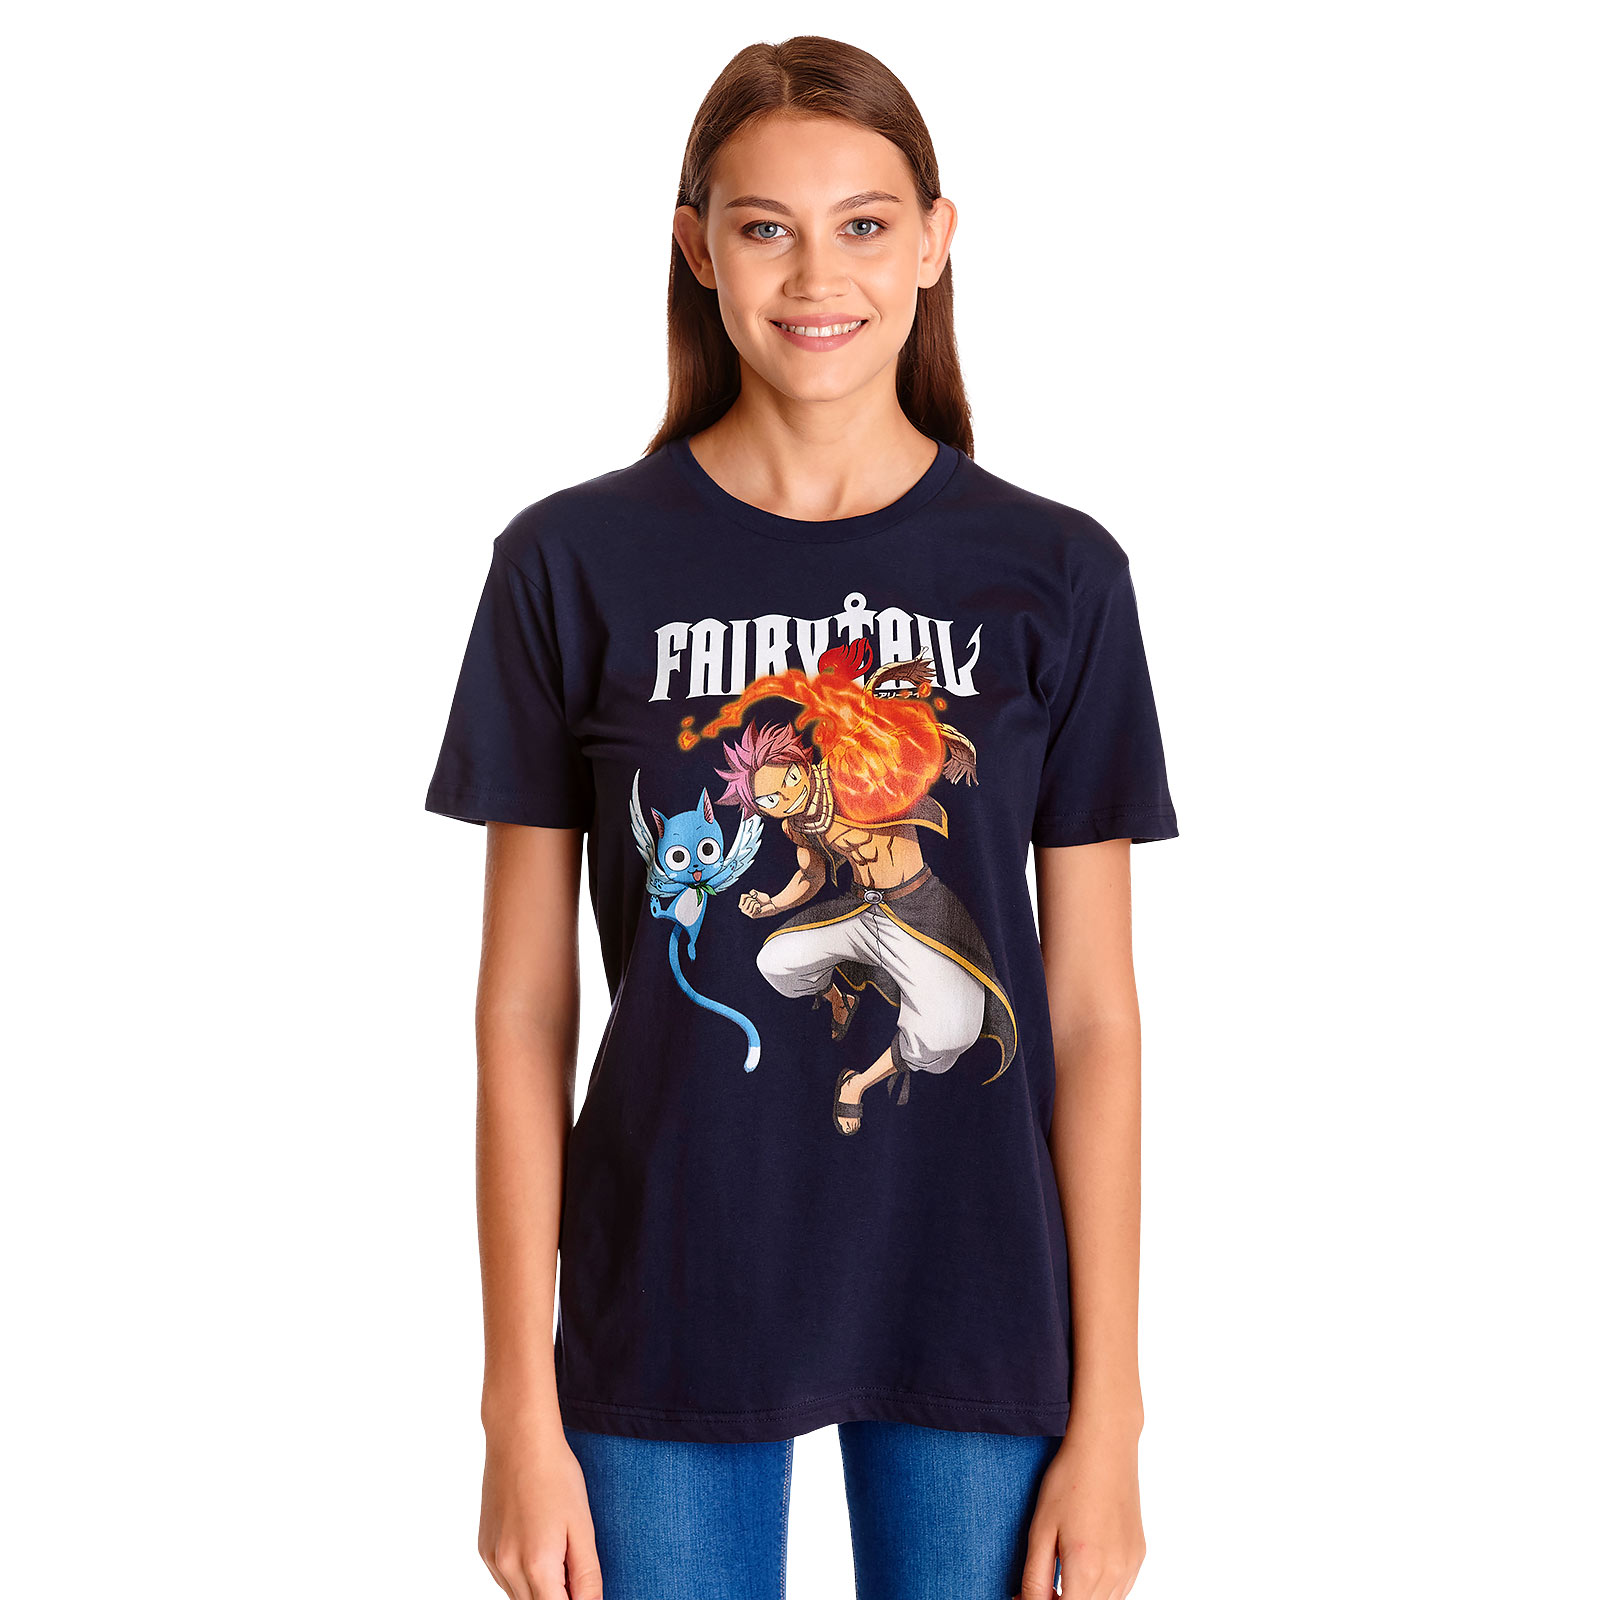 Fairy Tail - Natsu und Happy T-Shirt blau